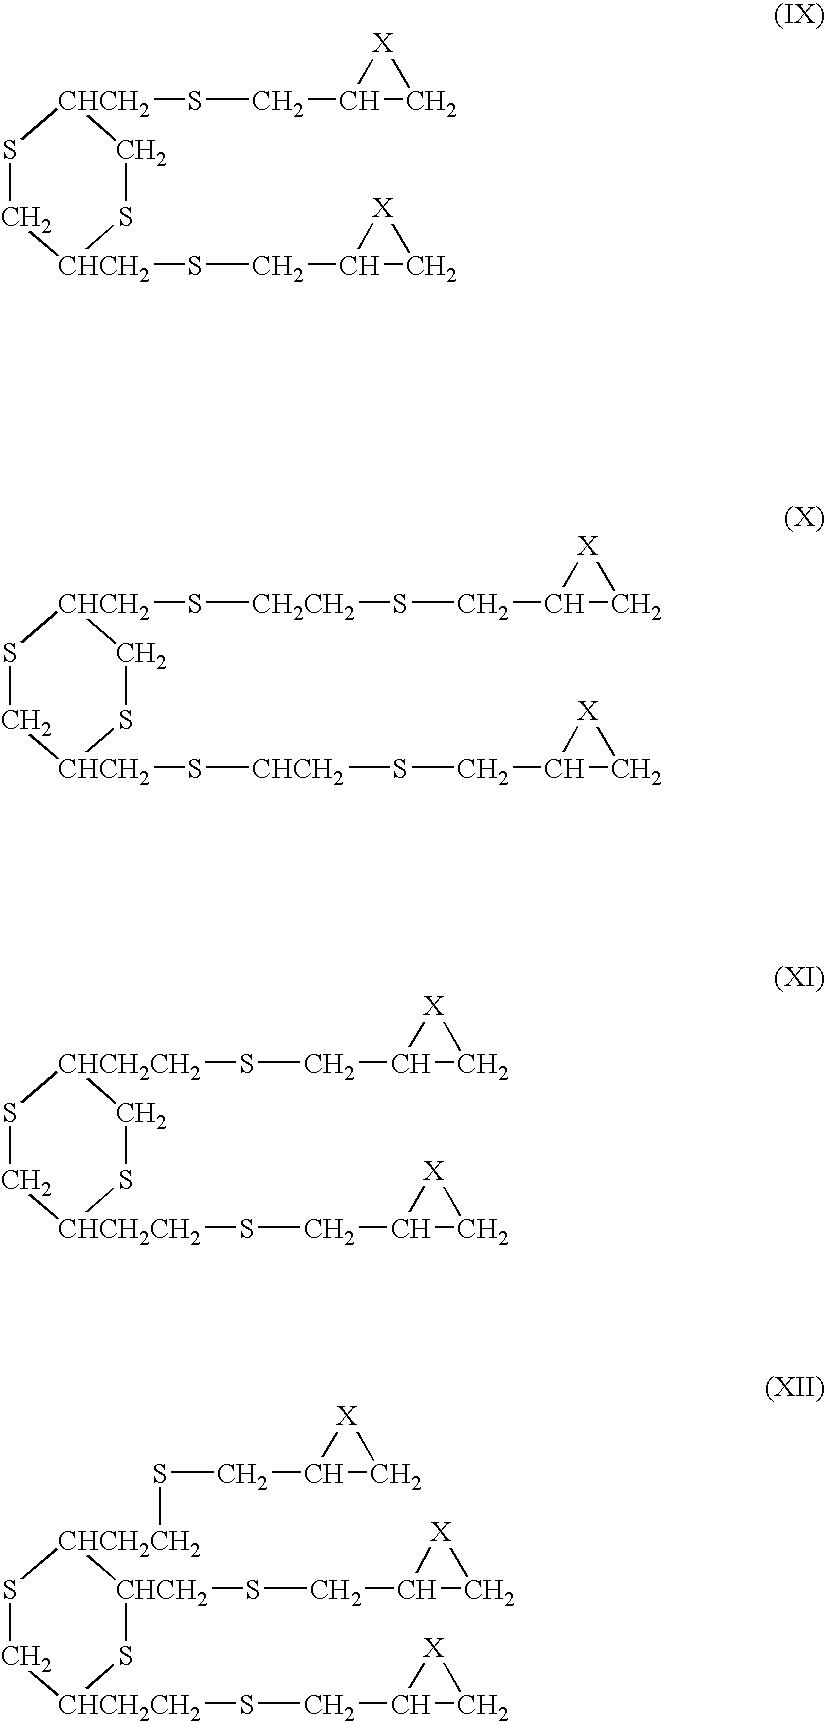 Figure US20040138401A1-20040715-C00032